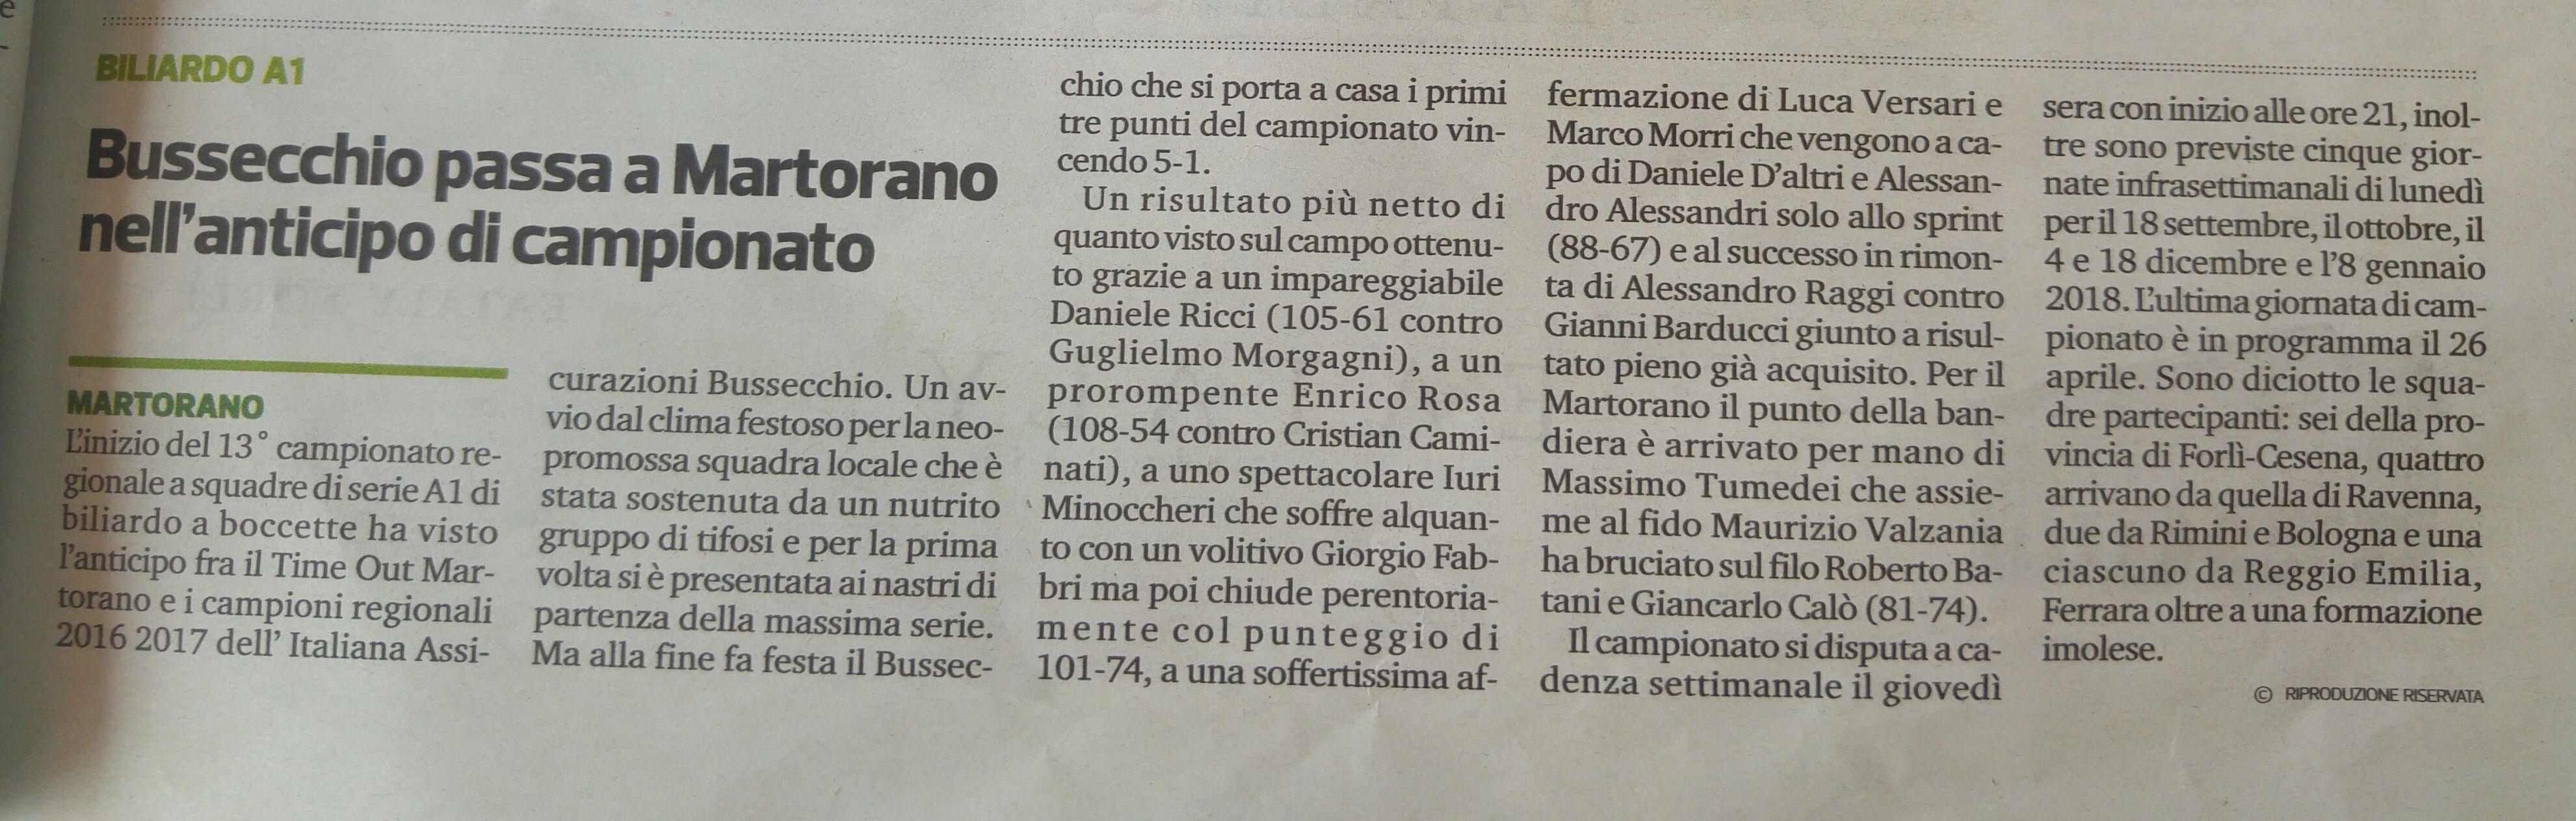 corriere 15 settembre 2017